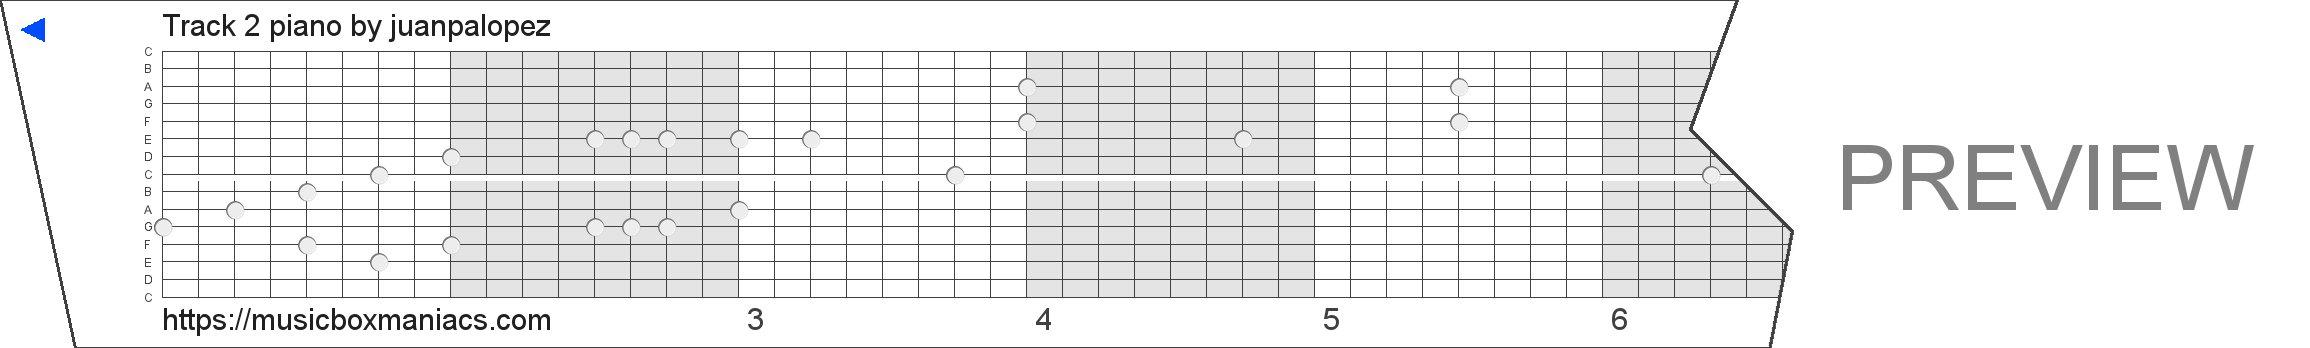 Track 2 piano 15 note music box paper strip